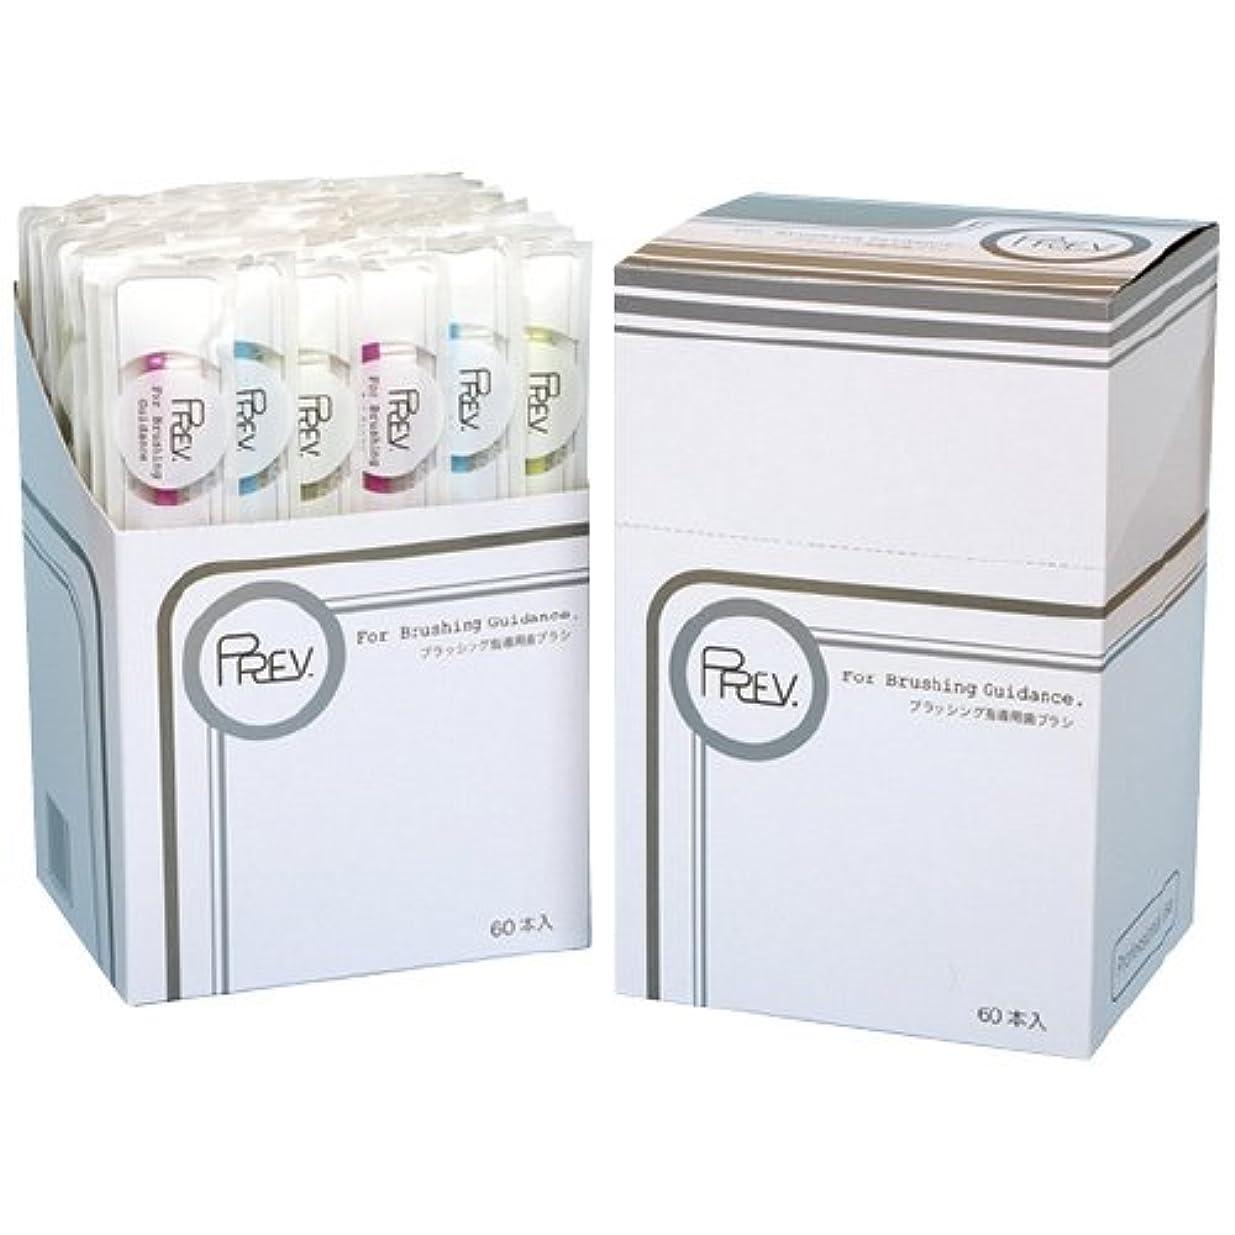 成人期バターやろうプレブ 歯ブラシ BG-21(フツウ)60ホンイリ オキナ